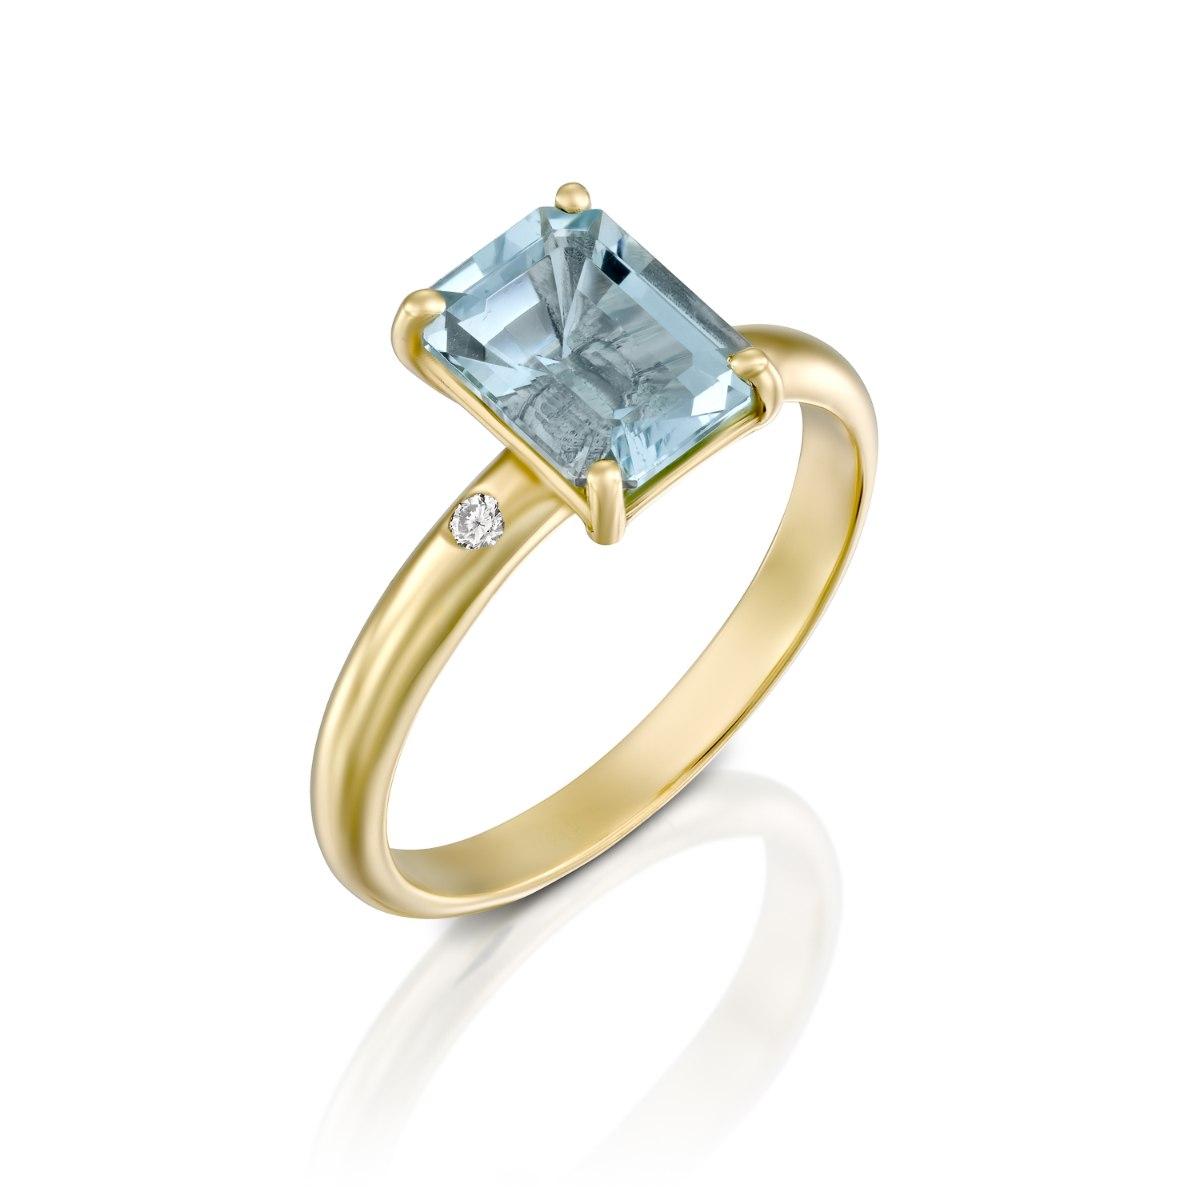 טבעת זהב קלאסית משובצת אקוומרין ויהלומים נועה טריפ noa tripp